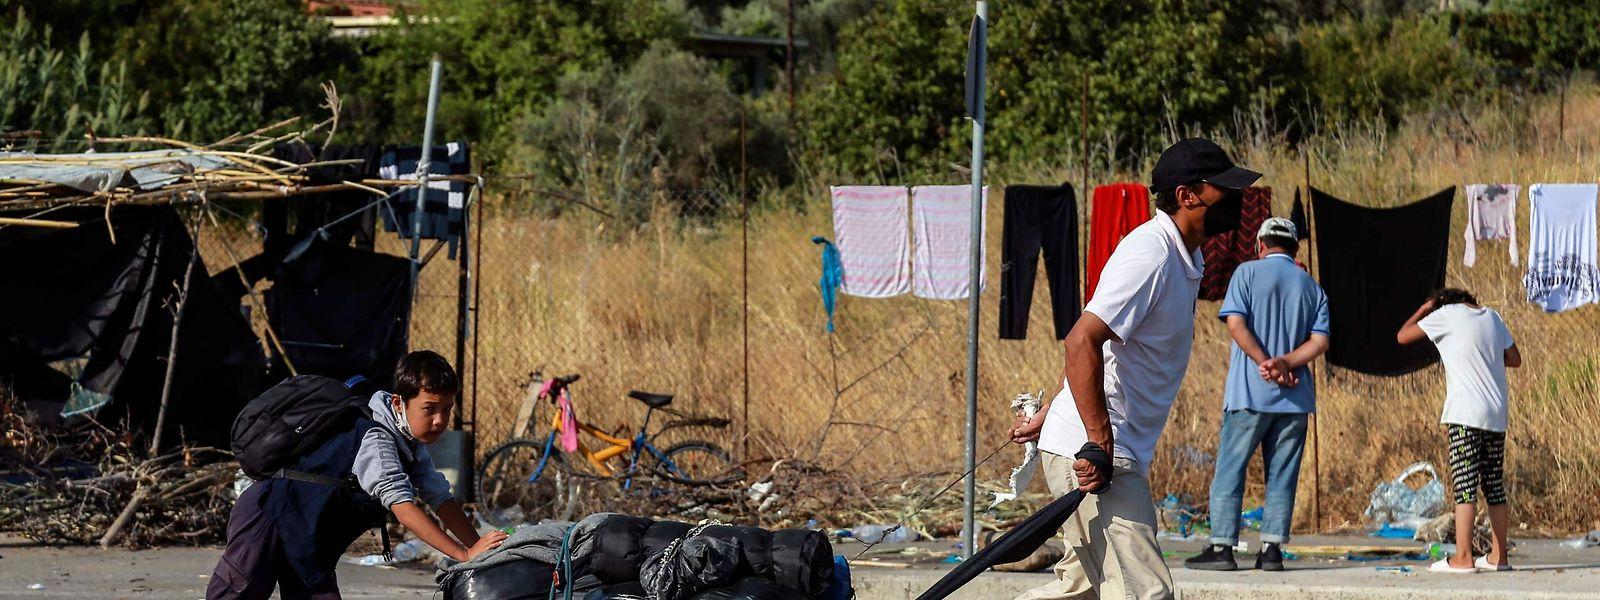 Nach dem verheerenden Brand im Flüchtlingslager Moria leben viele Menschen auf der Straße.